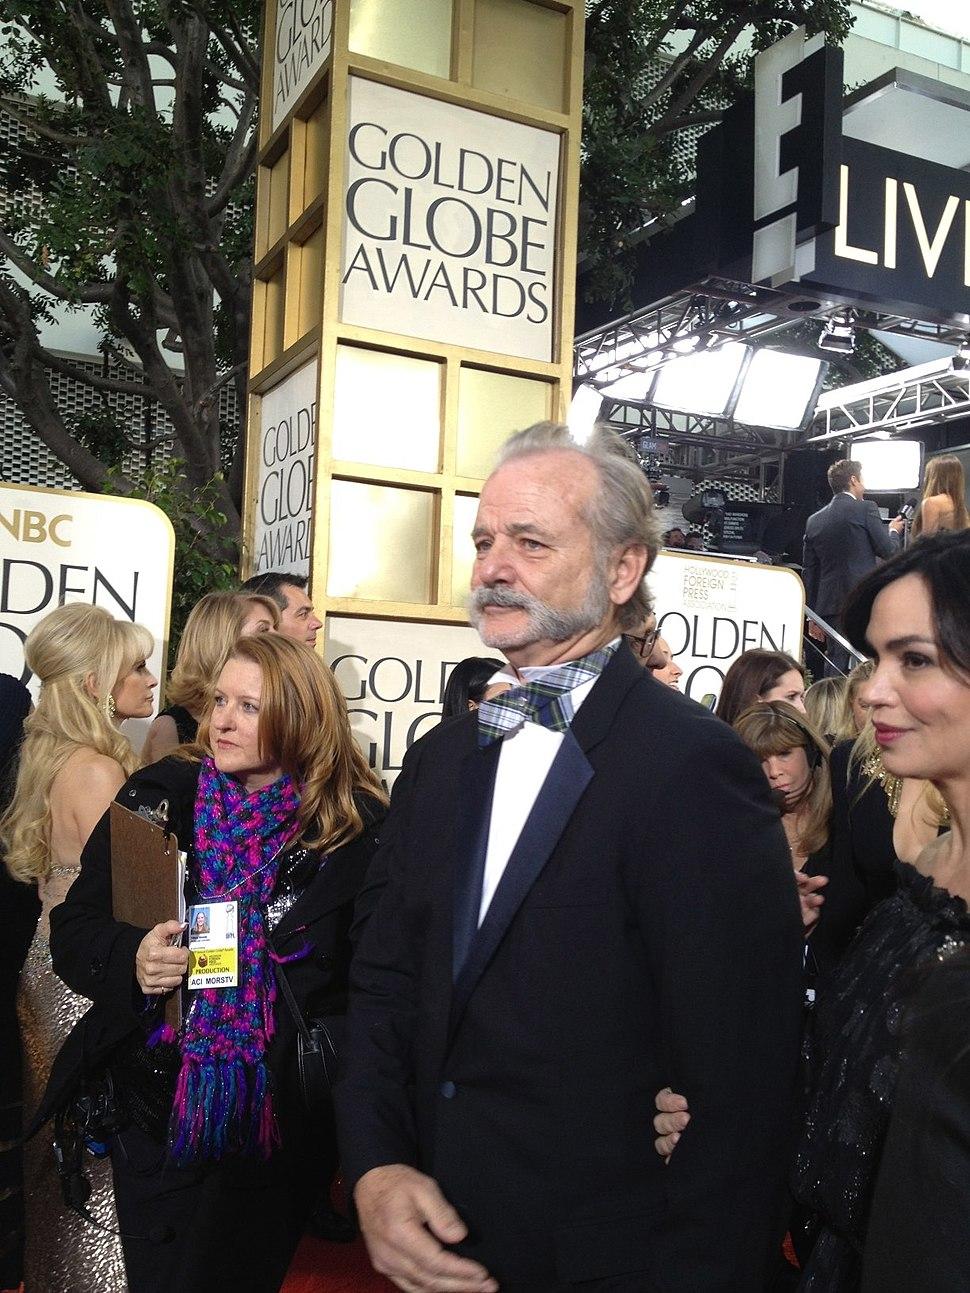 2013 Golden Globe Awards (8378777269)